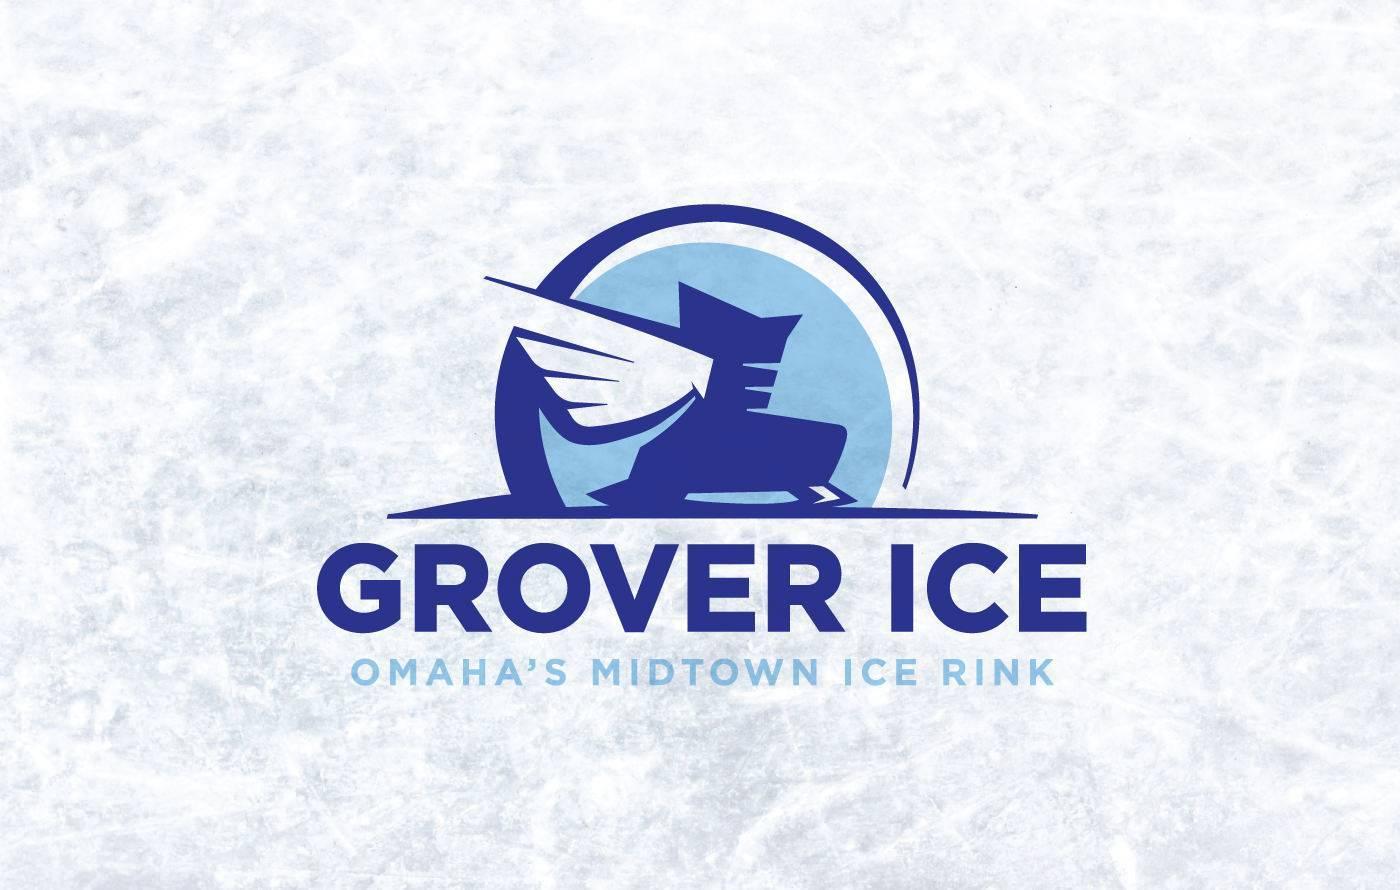 Grover Ice Identity